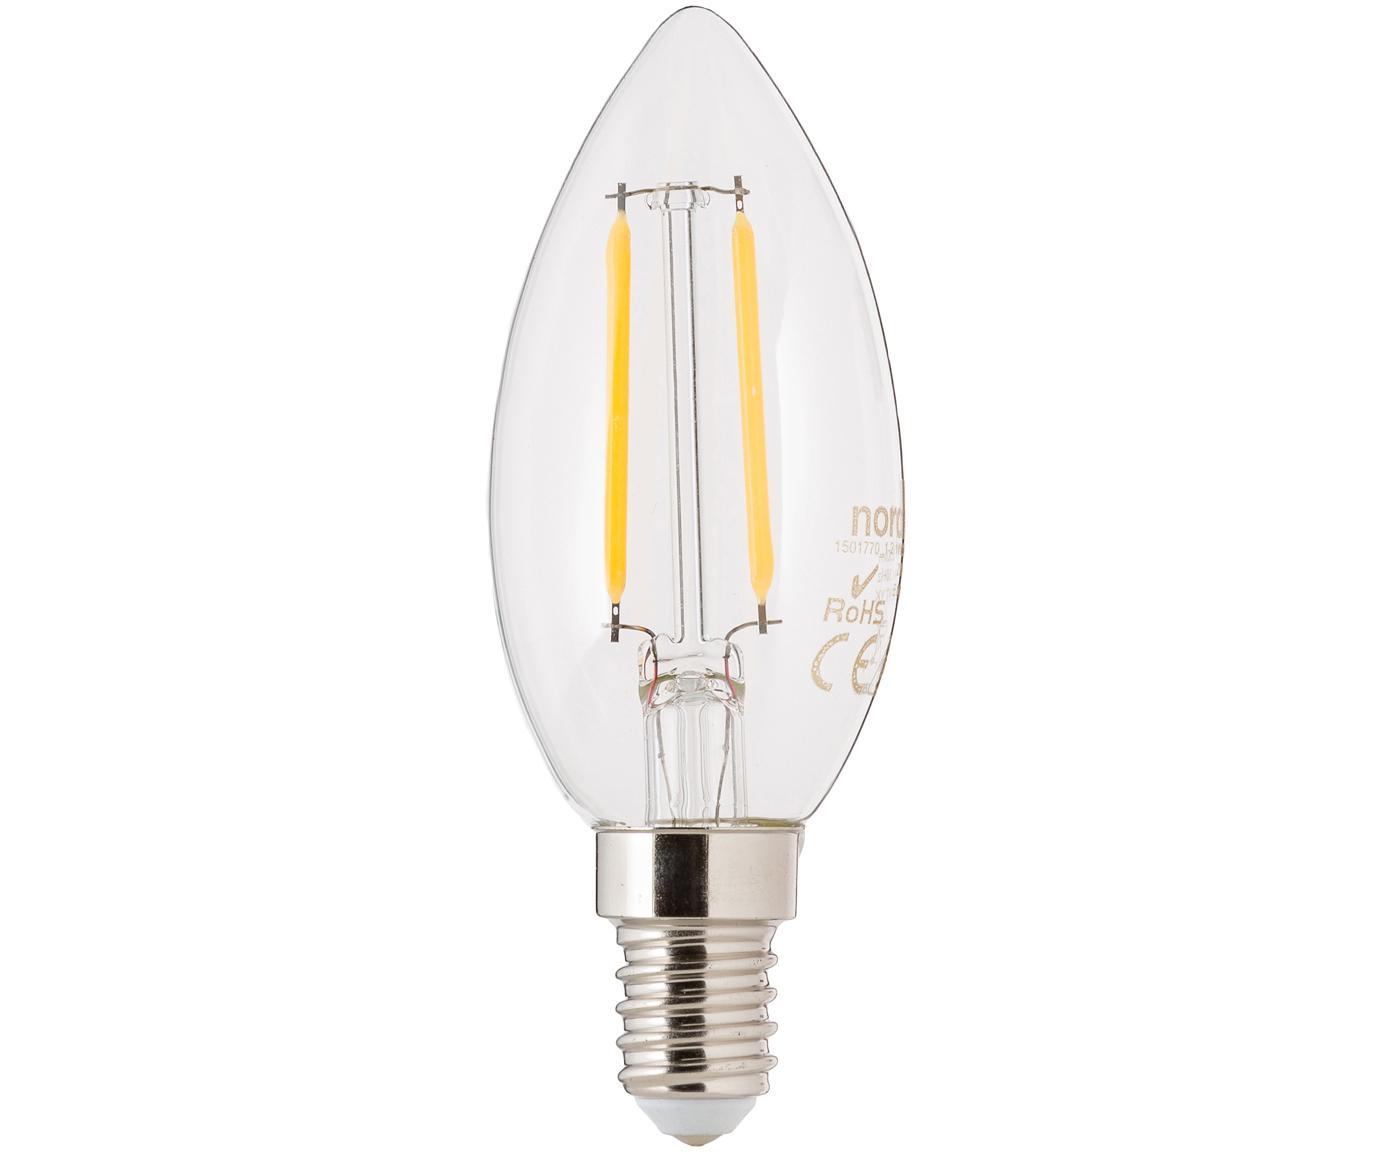 Bombillas LED Vel (E14/2,5W),5uds., Ampolla: vidrio, Casquillo: aluminio, Transparente, Ø 4 x Al 10 cm